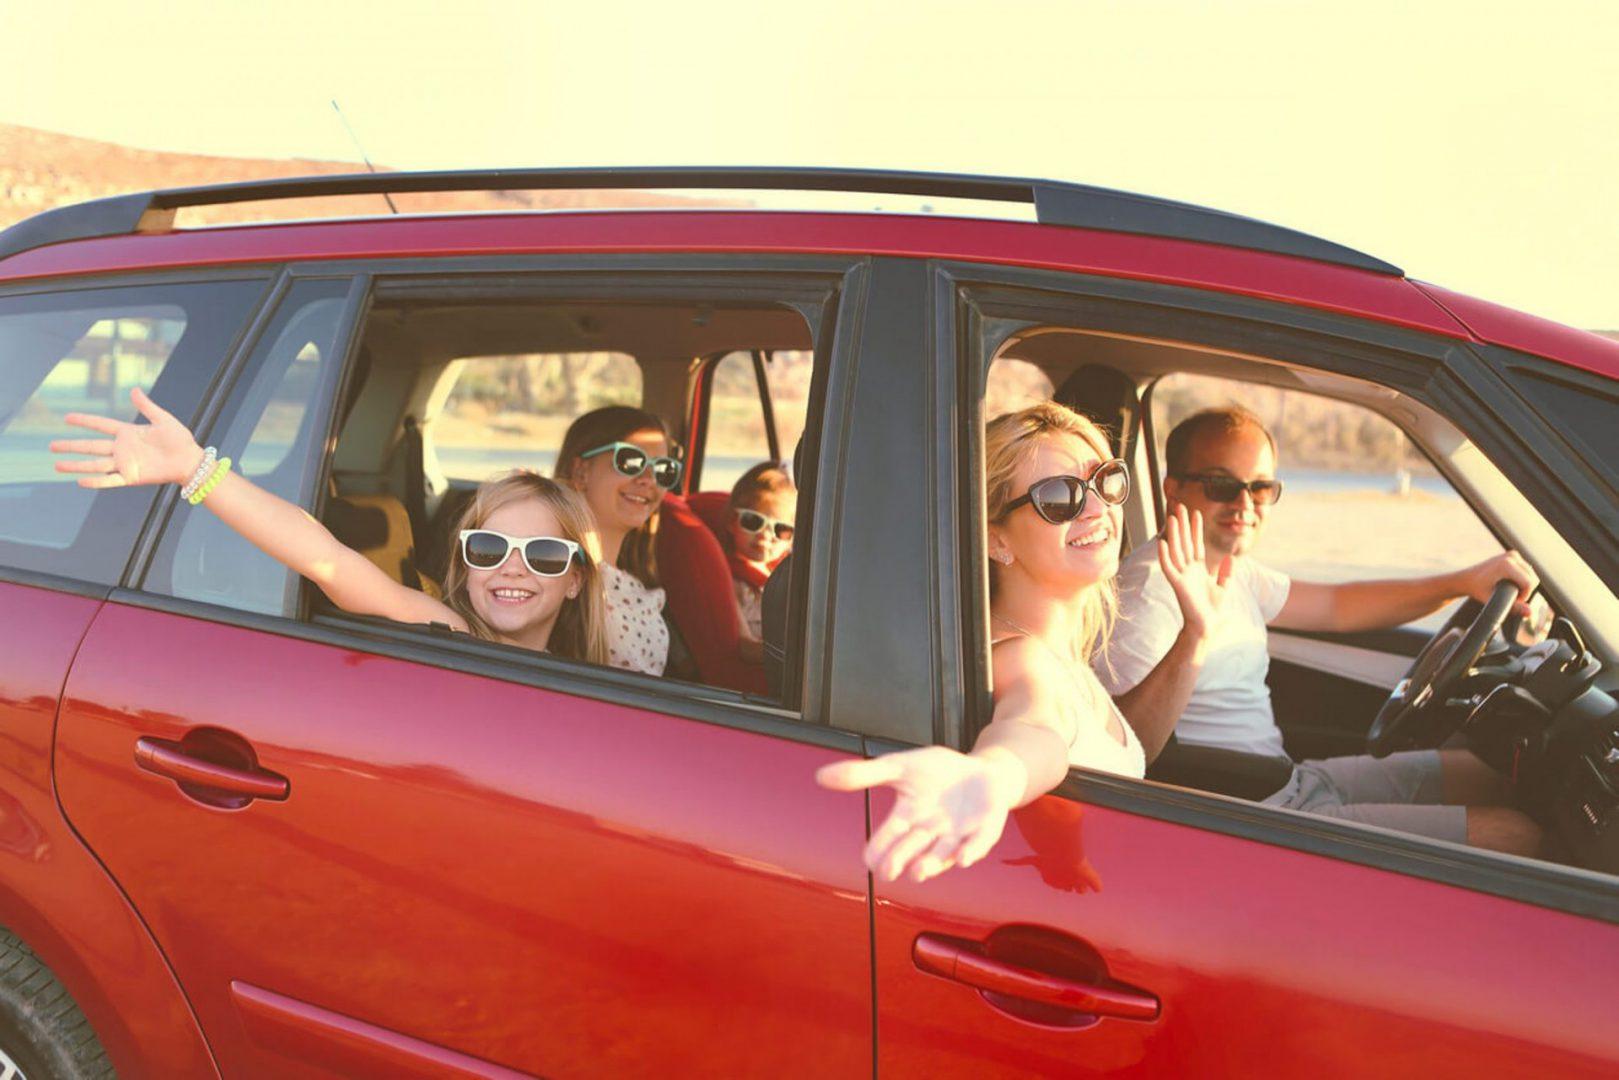 ביטוח רכב – מה ההבדל בין סוגי הביטוחים שונים